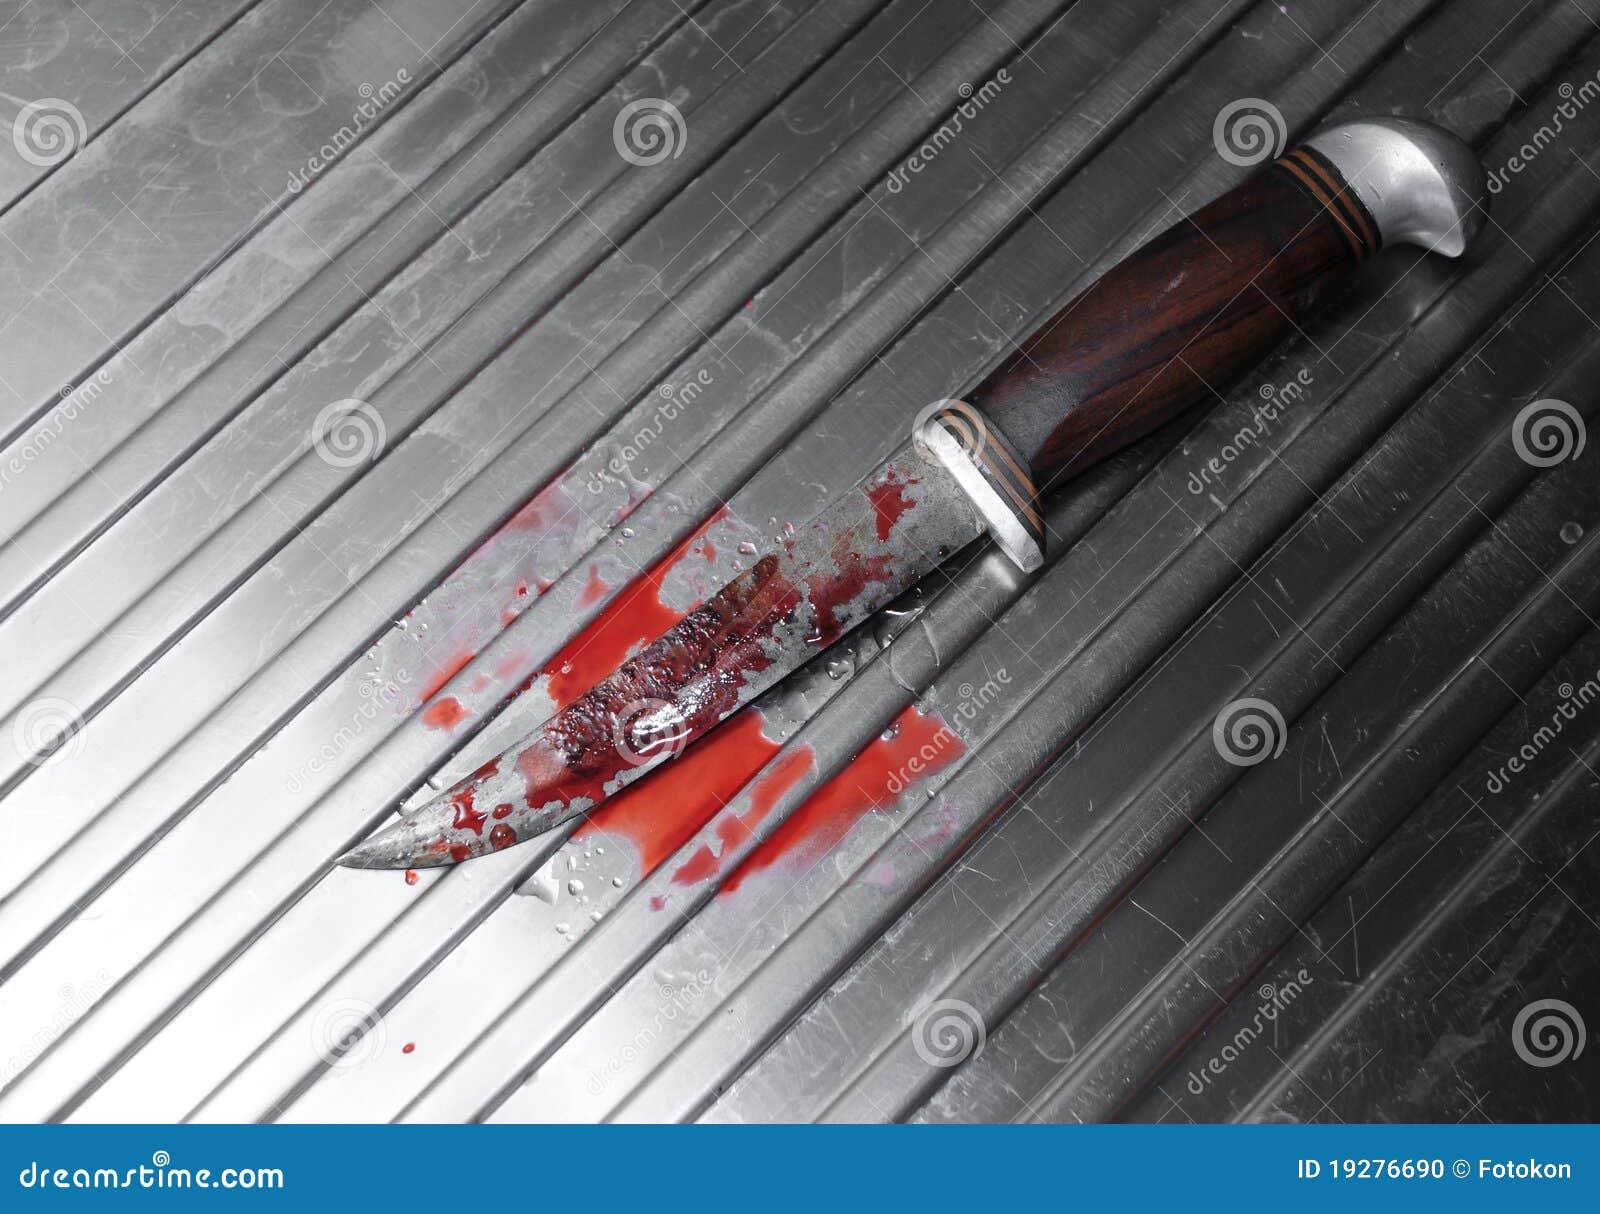 Bloedig mes